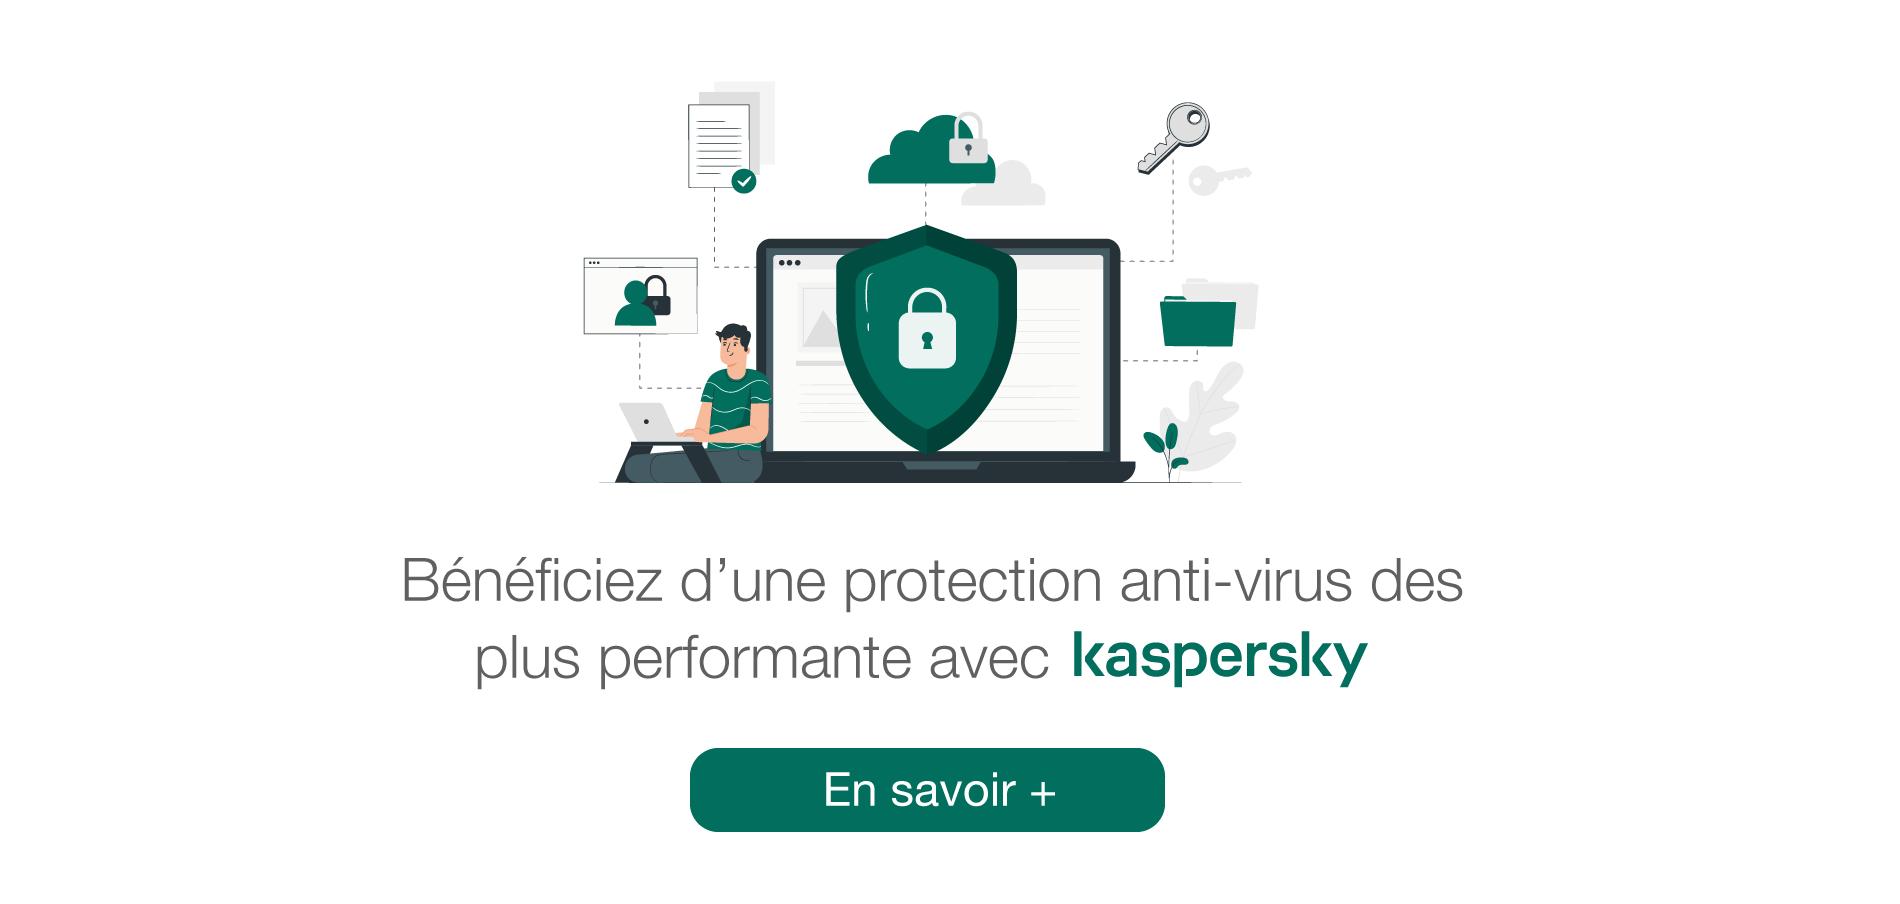 bénéficiez d'une protection anti-virus